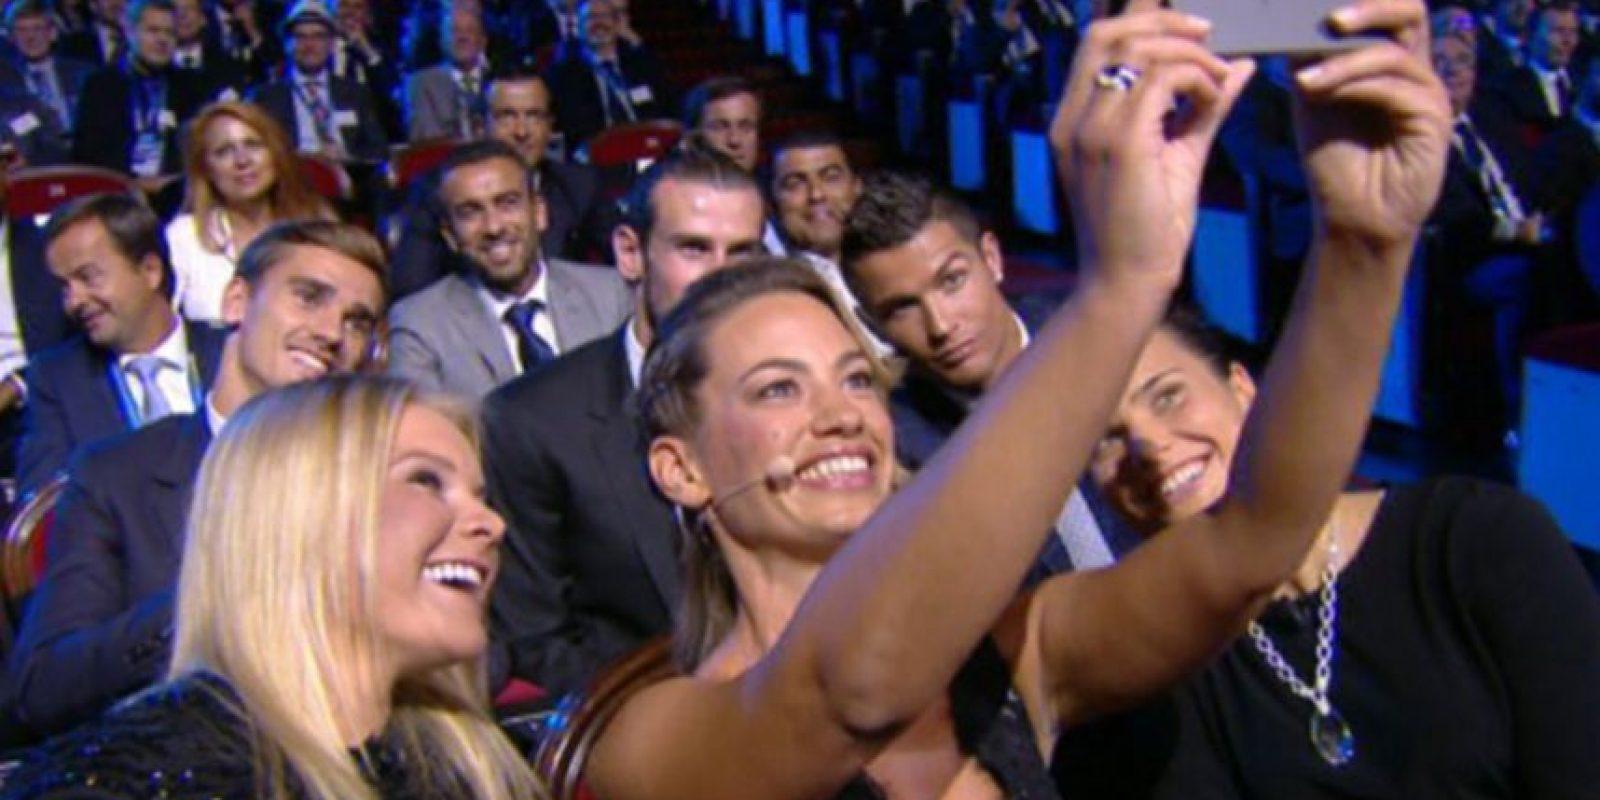 El selfie con Cristiano, Bale y Griezmann se volvió viral Foto:Twitter